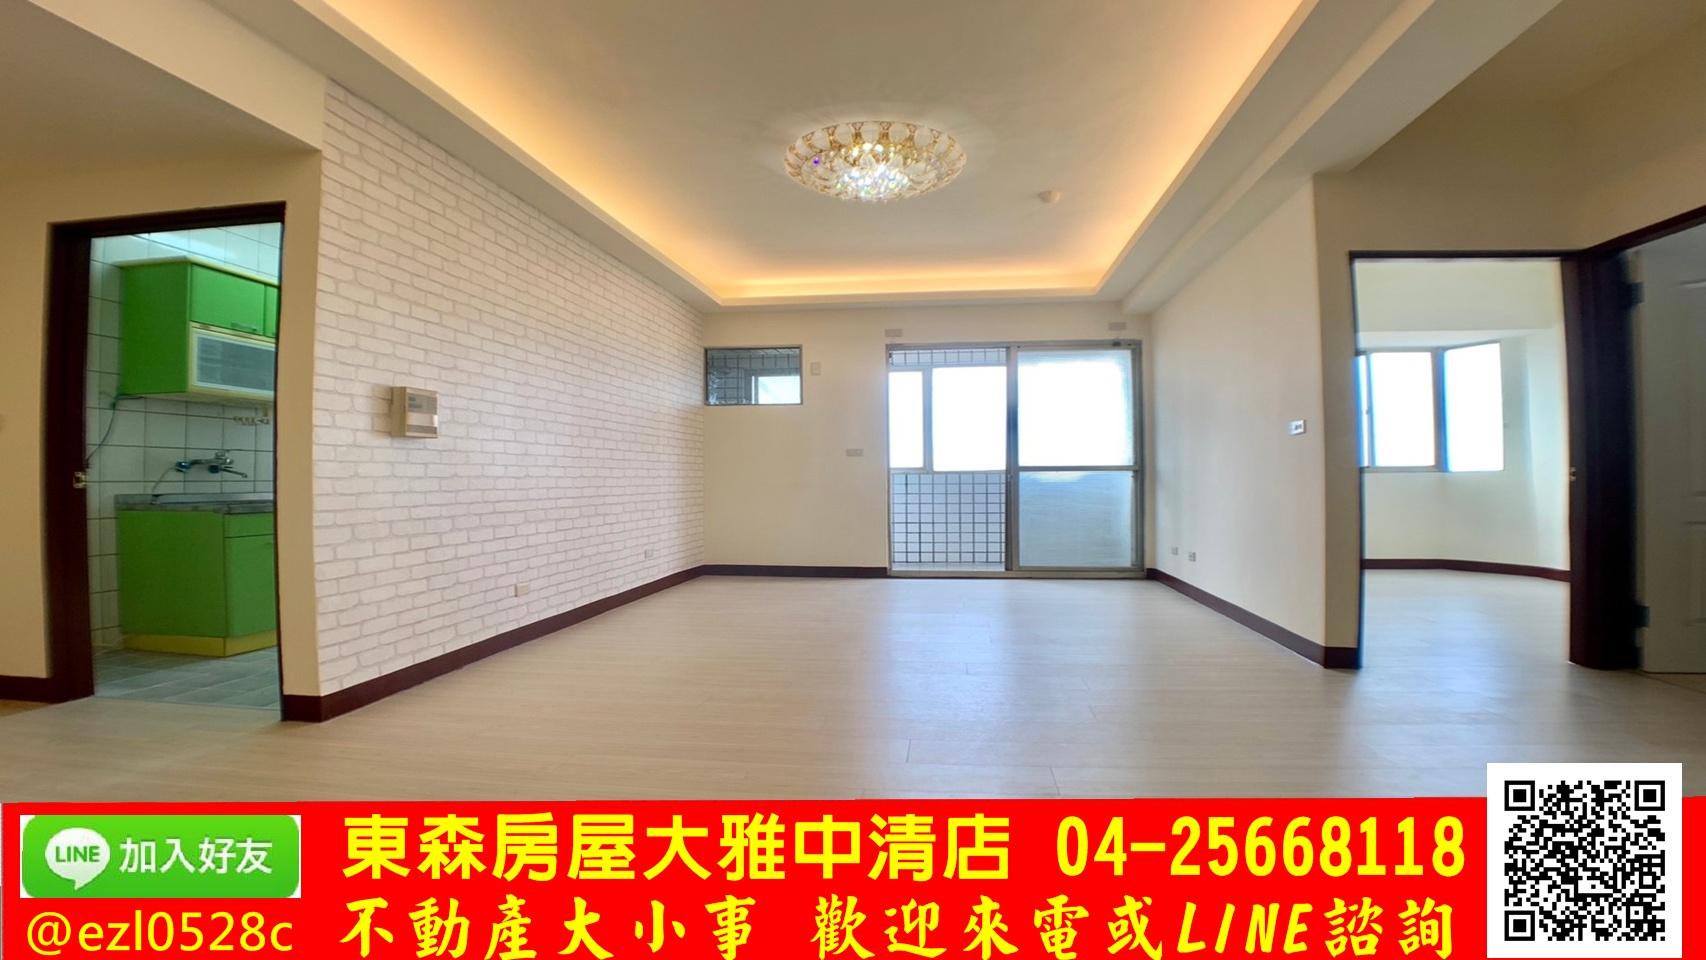 東森房屋大雅中清店-市區平車華廈